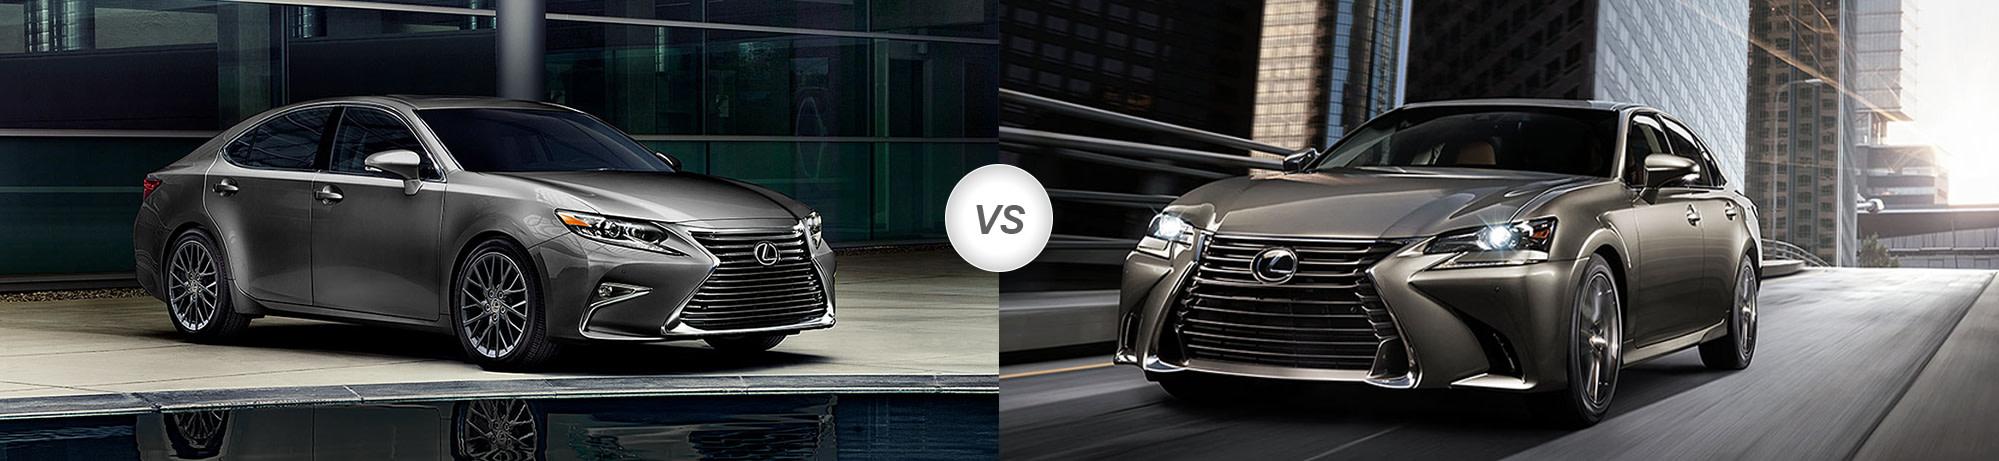 2018 Lexus ES Vs 2017 Lexus GS